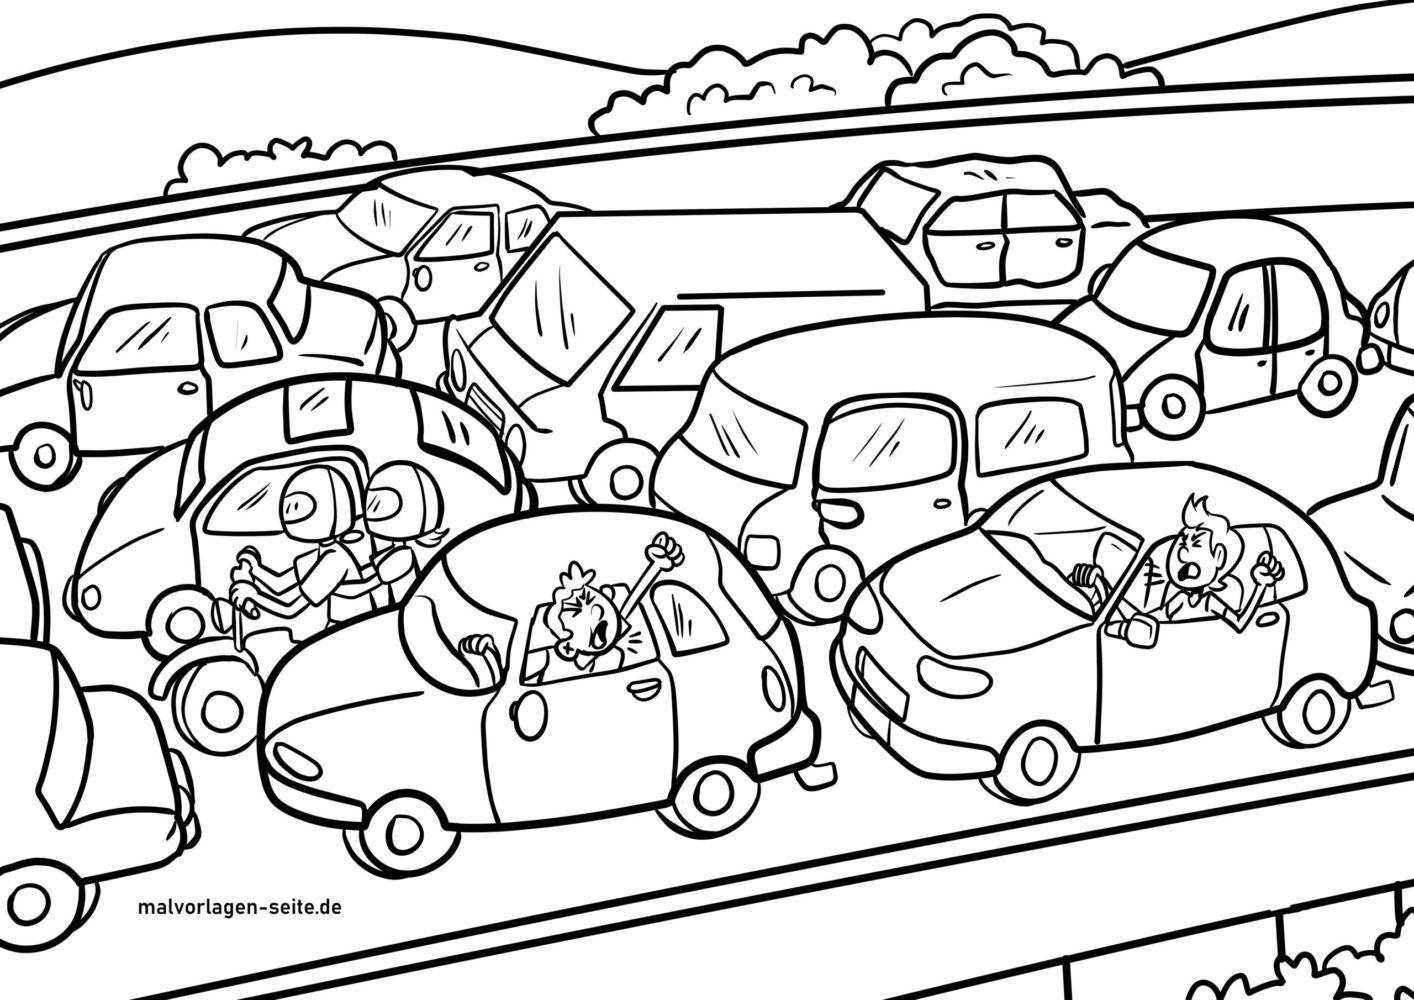 საღებარი გვერდების საცობი - მანქანა - უფასო საღებარი გვერდები